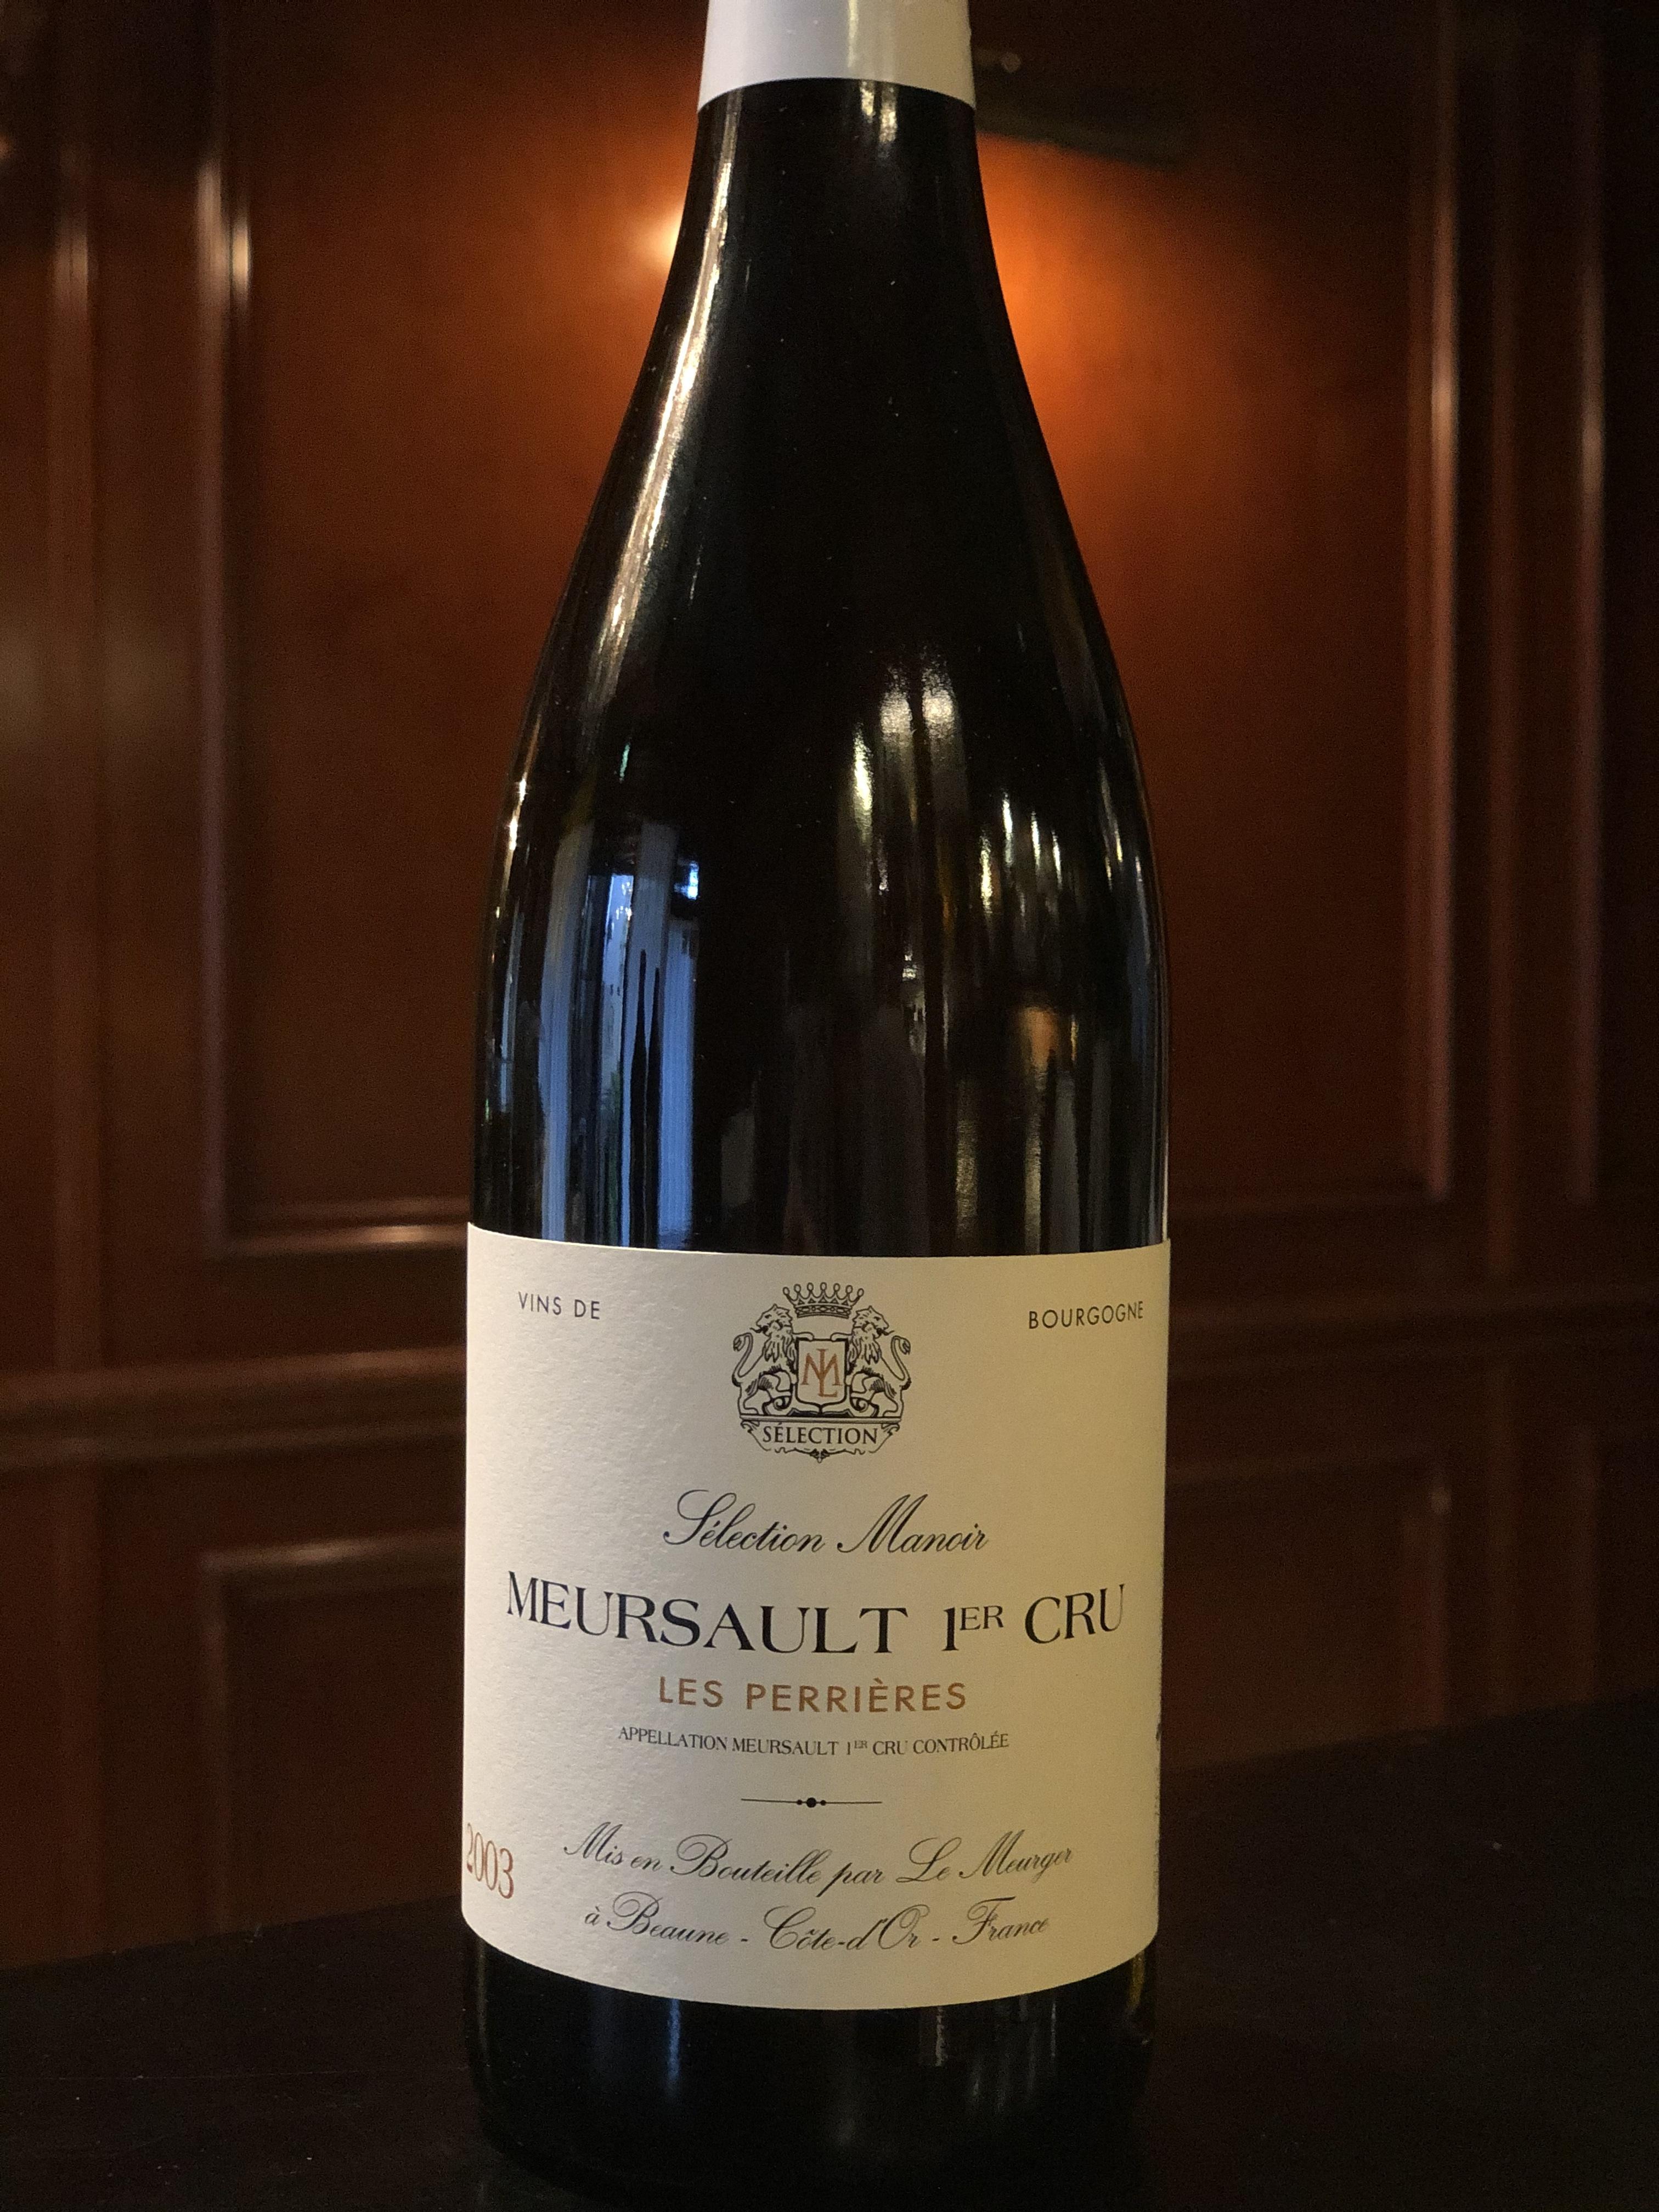 2003年 ムルソー プルミエ クリュ レ ペリエール 白ワイン